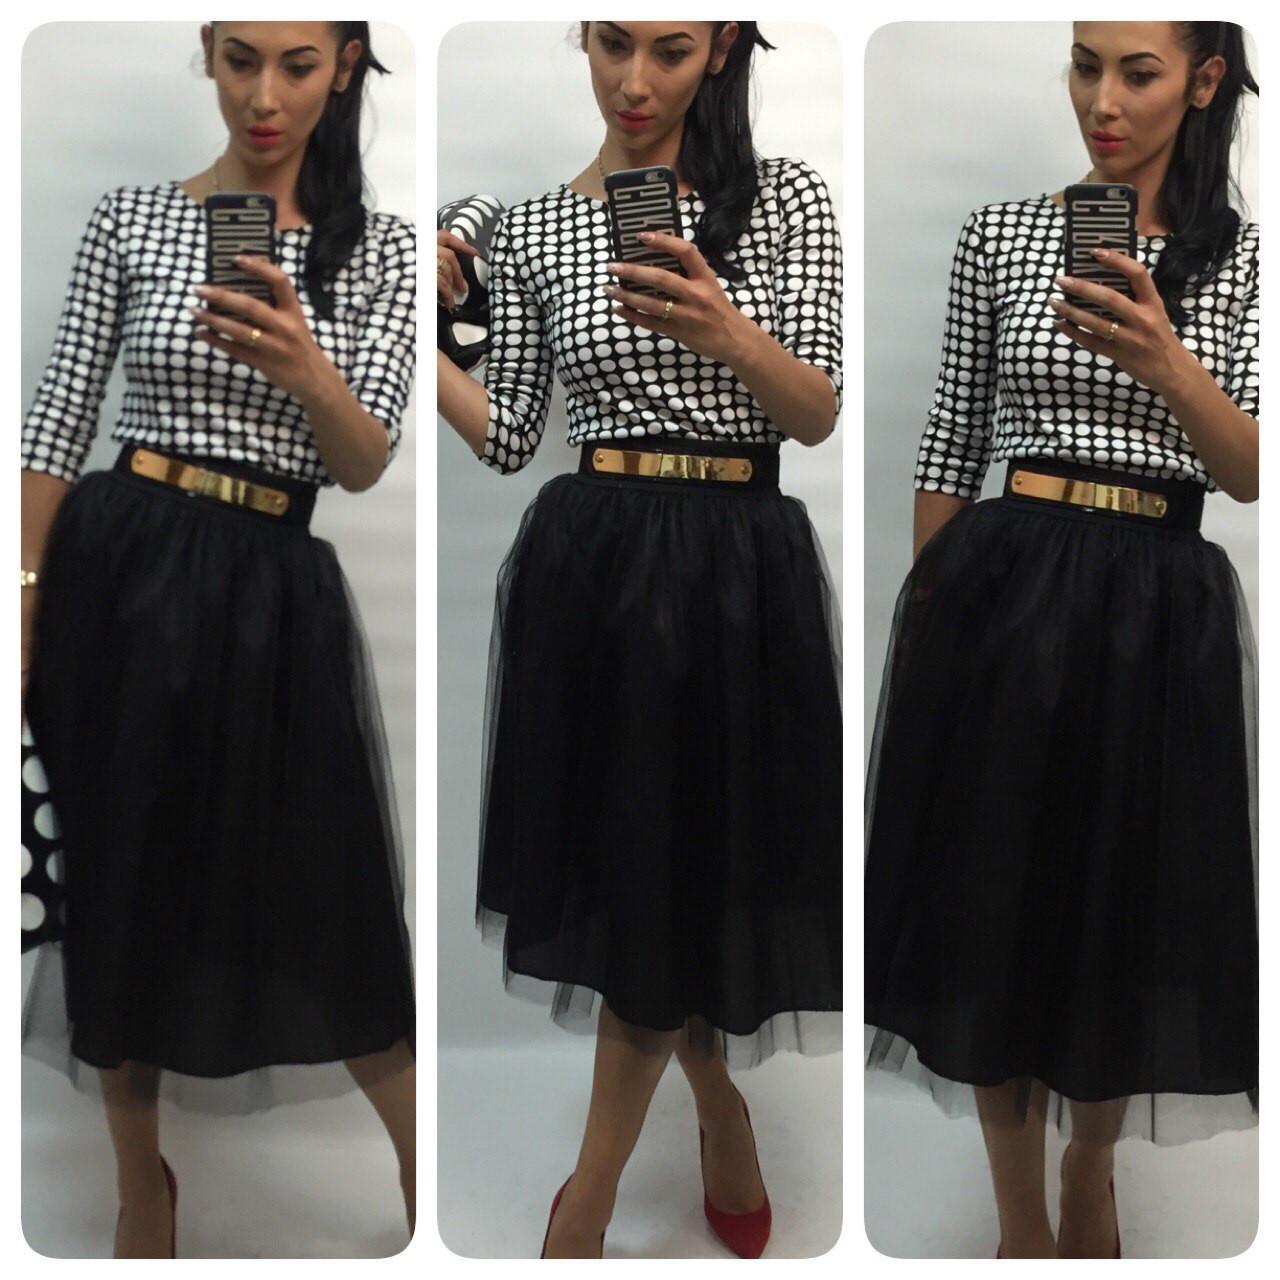 233149baf85 Деловой костюм для девушки в офис - ShopStyle магазин одежды от  производителя. в Одессе